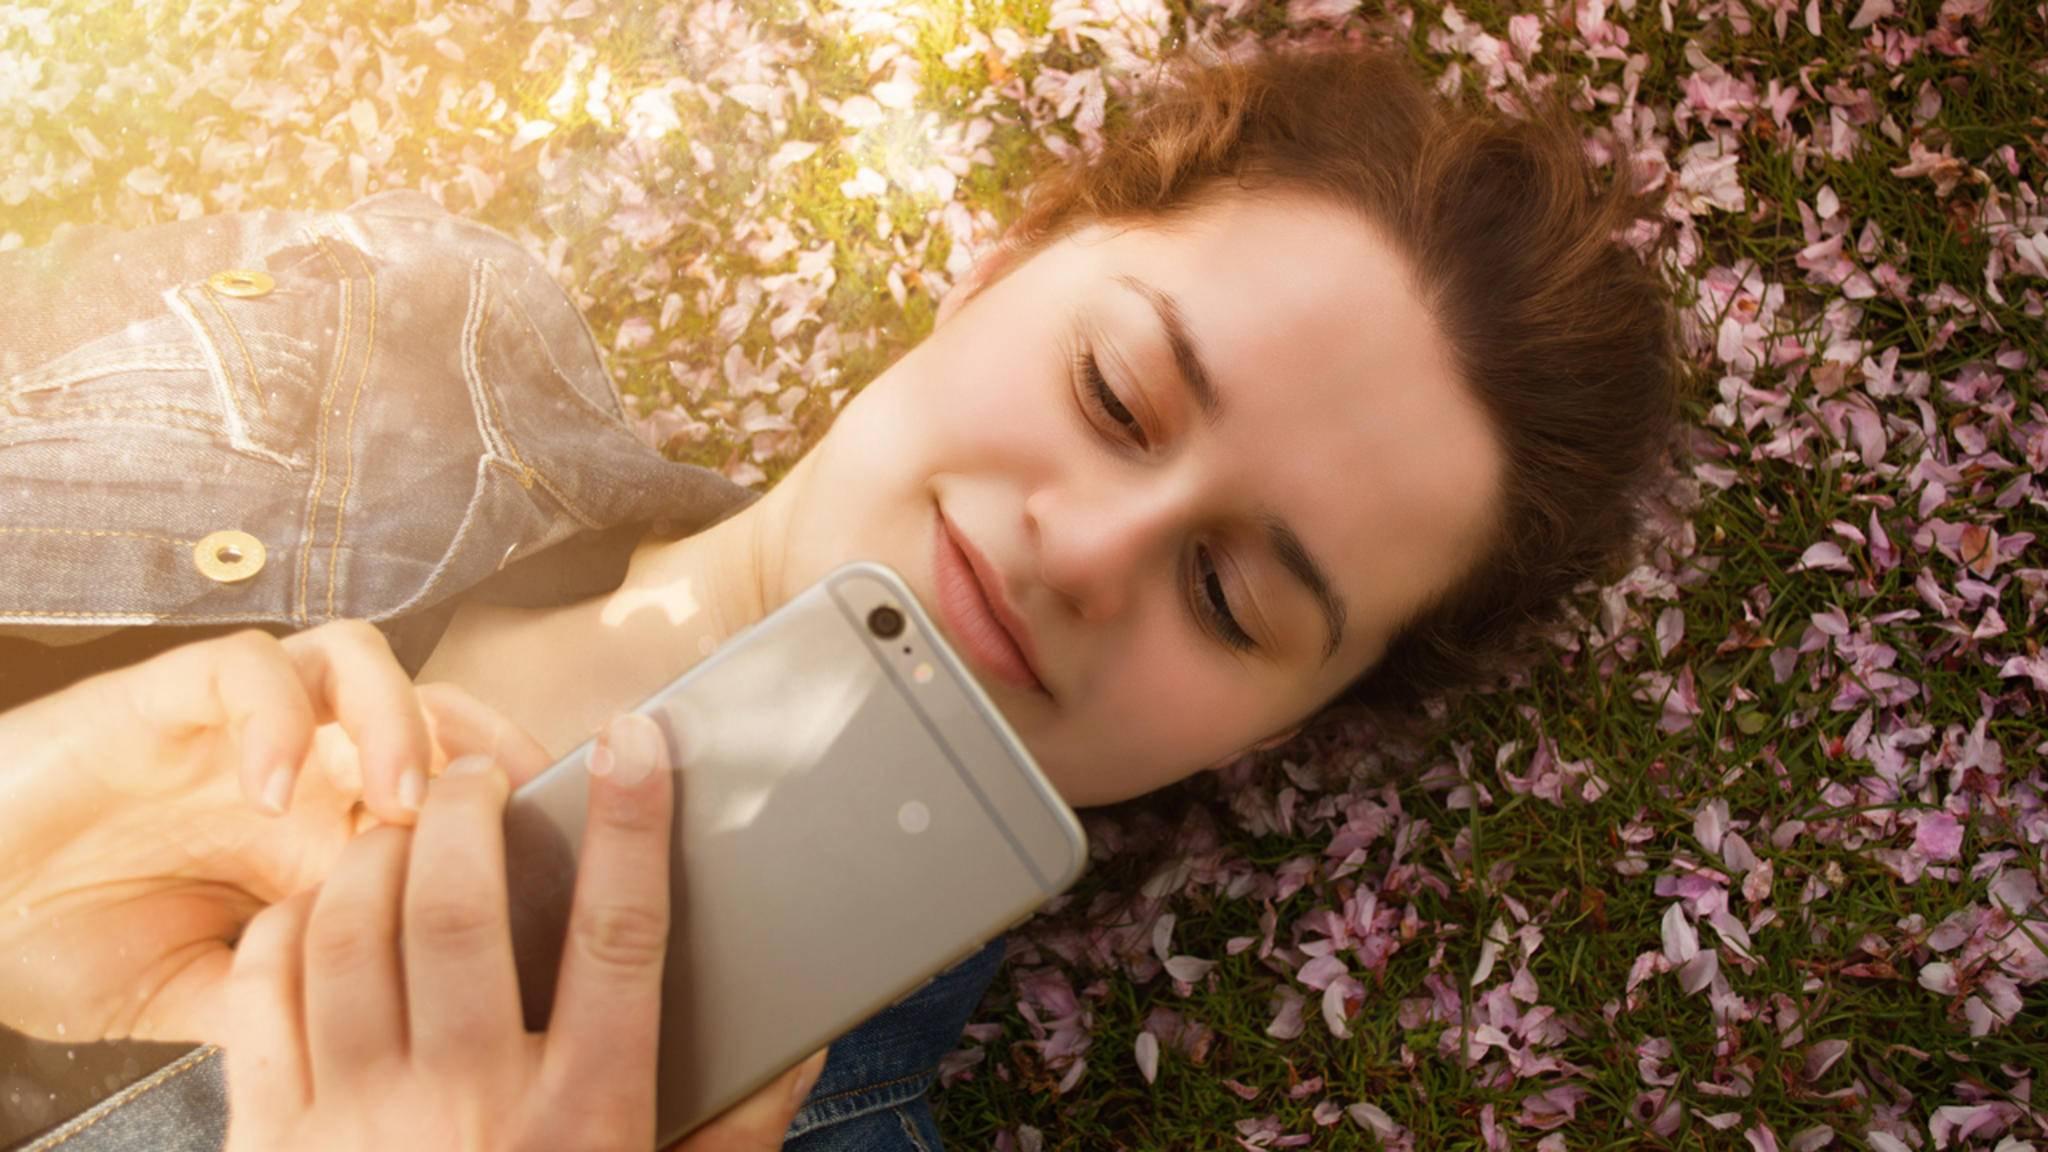 Der Frühling kommt und verbreitet gute Laune. Mit dem passenden WhatsApp-Spruch kannst Du aber auch etwas nachhelfen ...